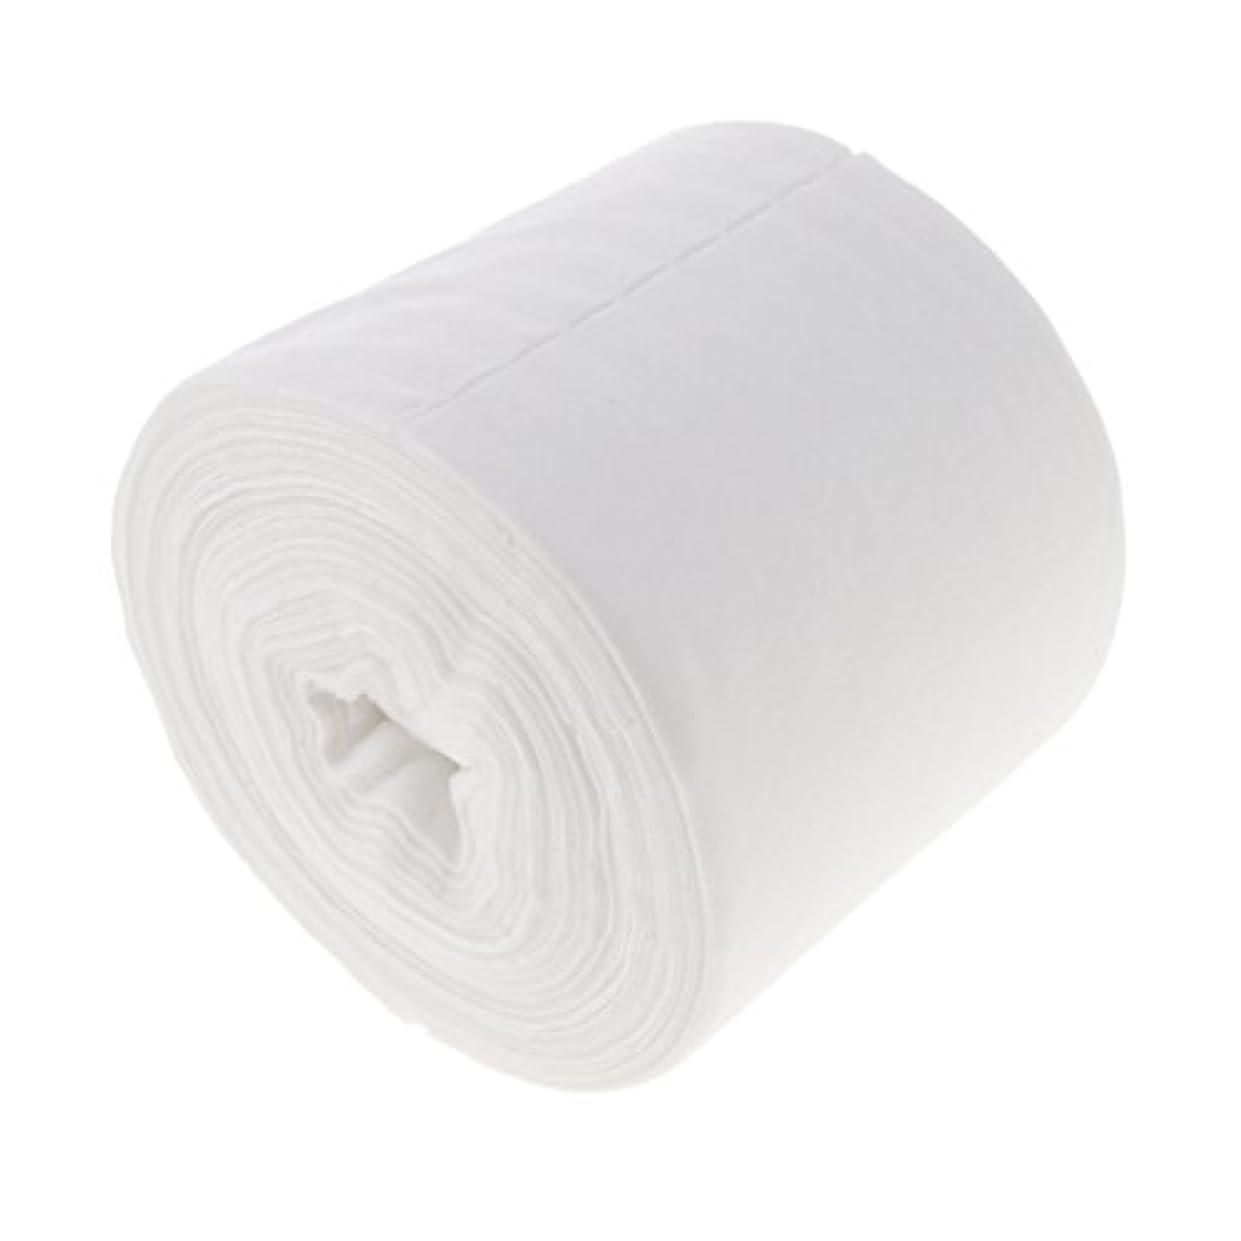 トランジスタ正確に気楽なPerfk 洗顔 クリーニング タオル 使い捨て 顔用タオル 柔らかい